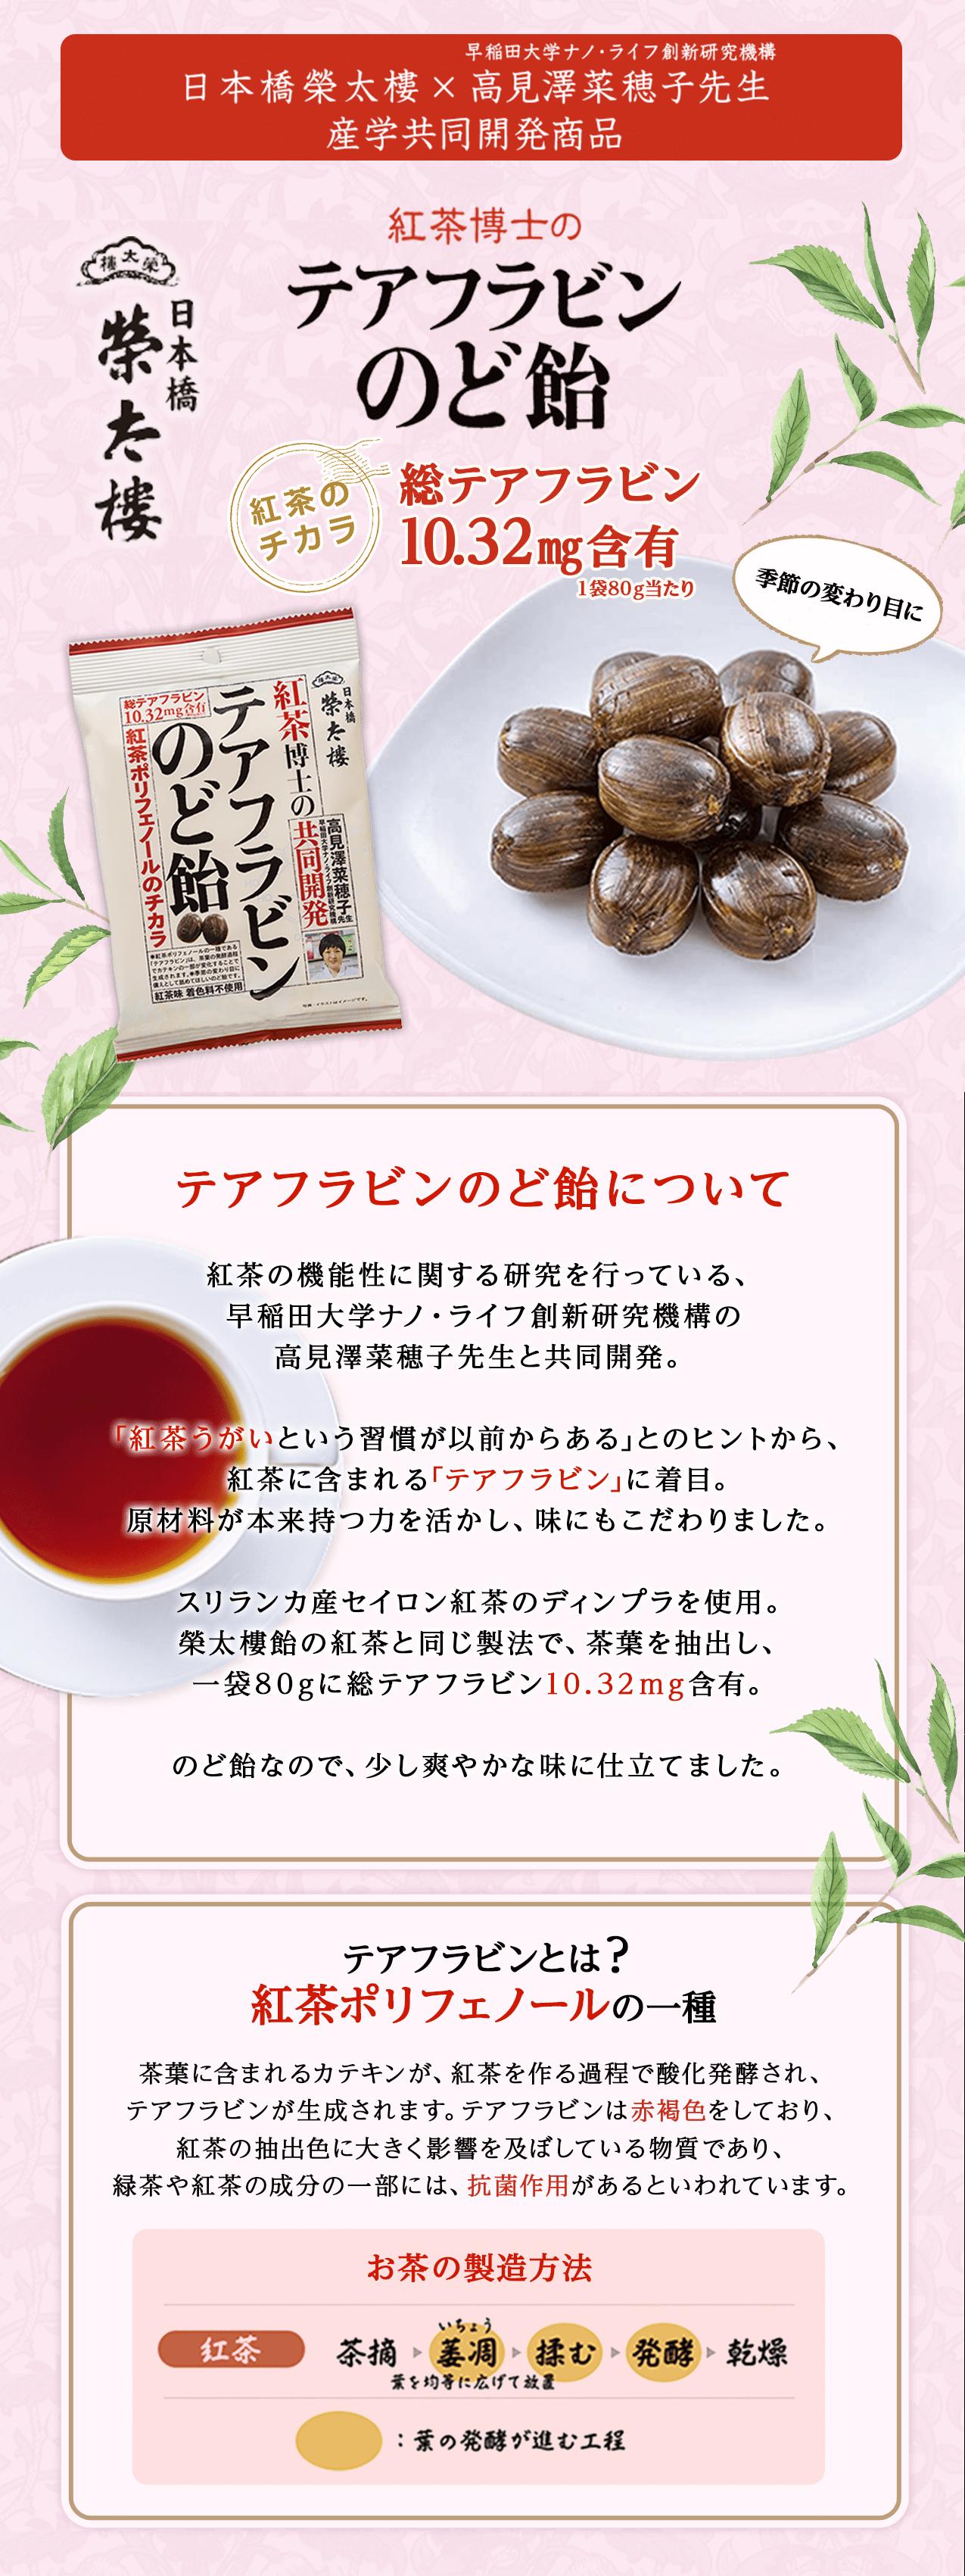 日本橋榮太樓×高見沢菜穂子先生産学共同開発商品紅茶博士のテアフラビンのど飴 アフラビンのど飴について紅茶の機能性に関する研究を行っている、早稲田大学ナノ・ライフ創新研究機構の高見澤菜穂子先生と共同開発。紅茶うがいという習慣が以前からあるとのヒントから、紅茶に含まれるテアフラビン着目。原材料が本来持つ力を活かし、味にもこだわりました。スリランカ産セイロン紅茶のディンプラを使用。榮太樓飴の紅茶と同じ製法で、茶葉を抽出し、一袋80gに総テアフラビン10.32mg含有。のど飴なので、少し爽やかな味に仕立てました。テアフラビンとは?紅茶ポリフェノールの一種 茶葉に含まれるカテキンが、紅茶を作る過程で酸化発酵され、テアフラビンが生成されます。テアフラビンは赤褐色をしており、紅茶の抽出色に大きく影響を及ぼしている物質であり、緑茶や紅茶の成分の一部には、抗菌作用があるといわれています。